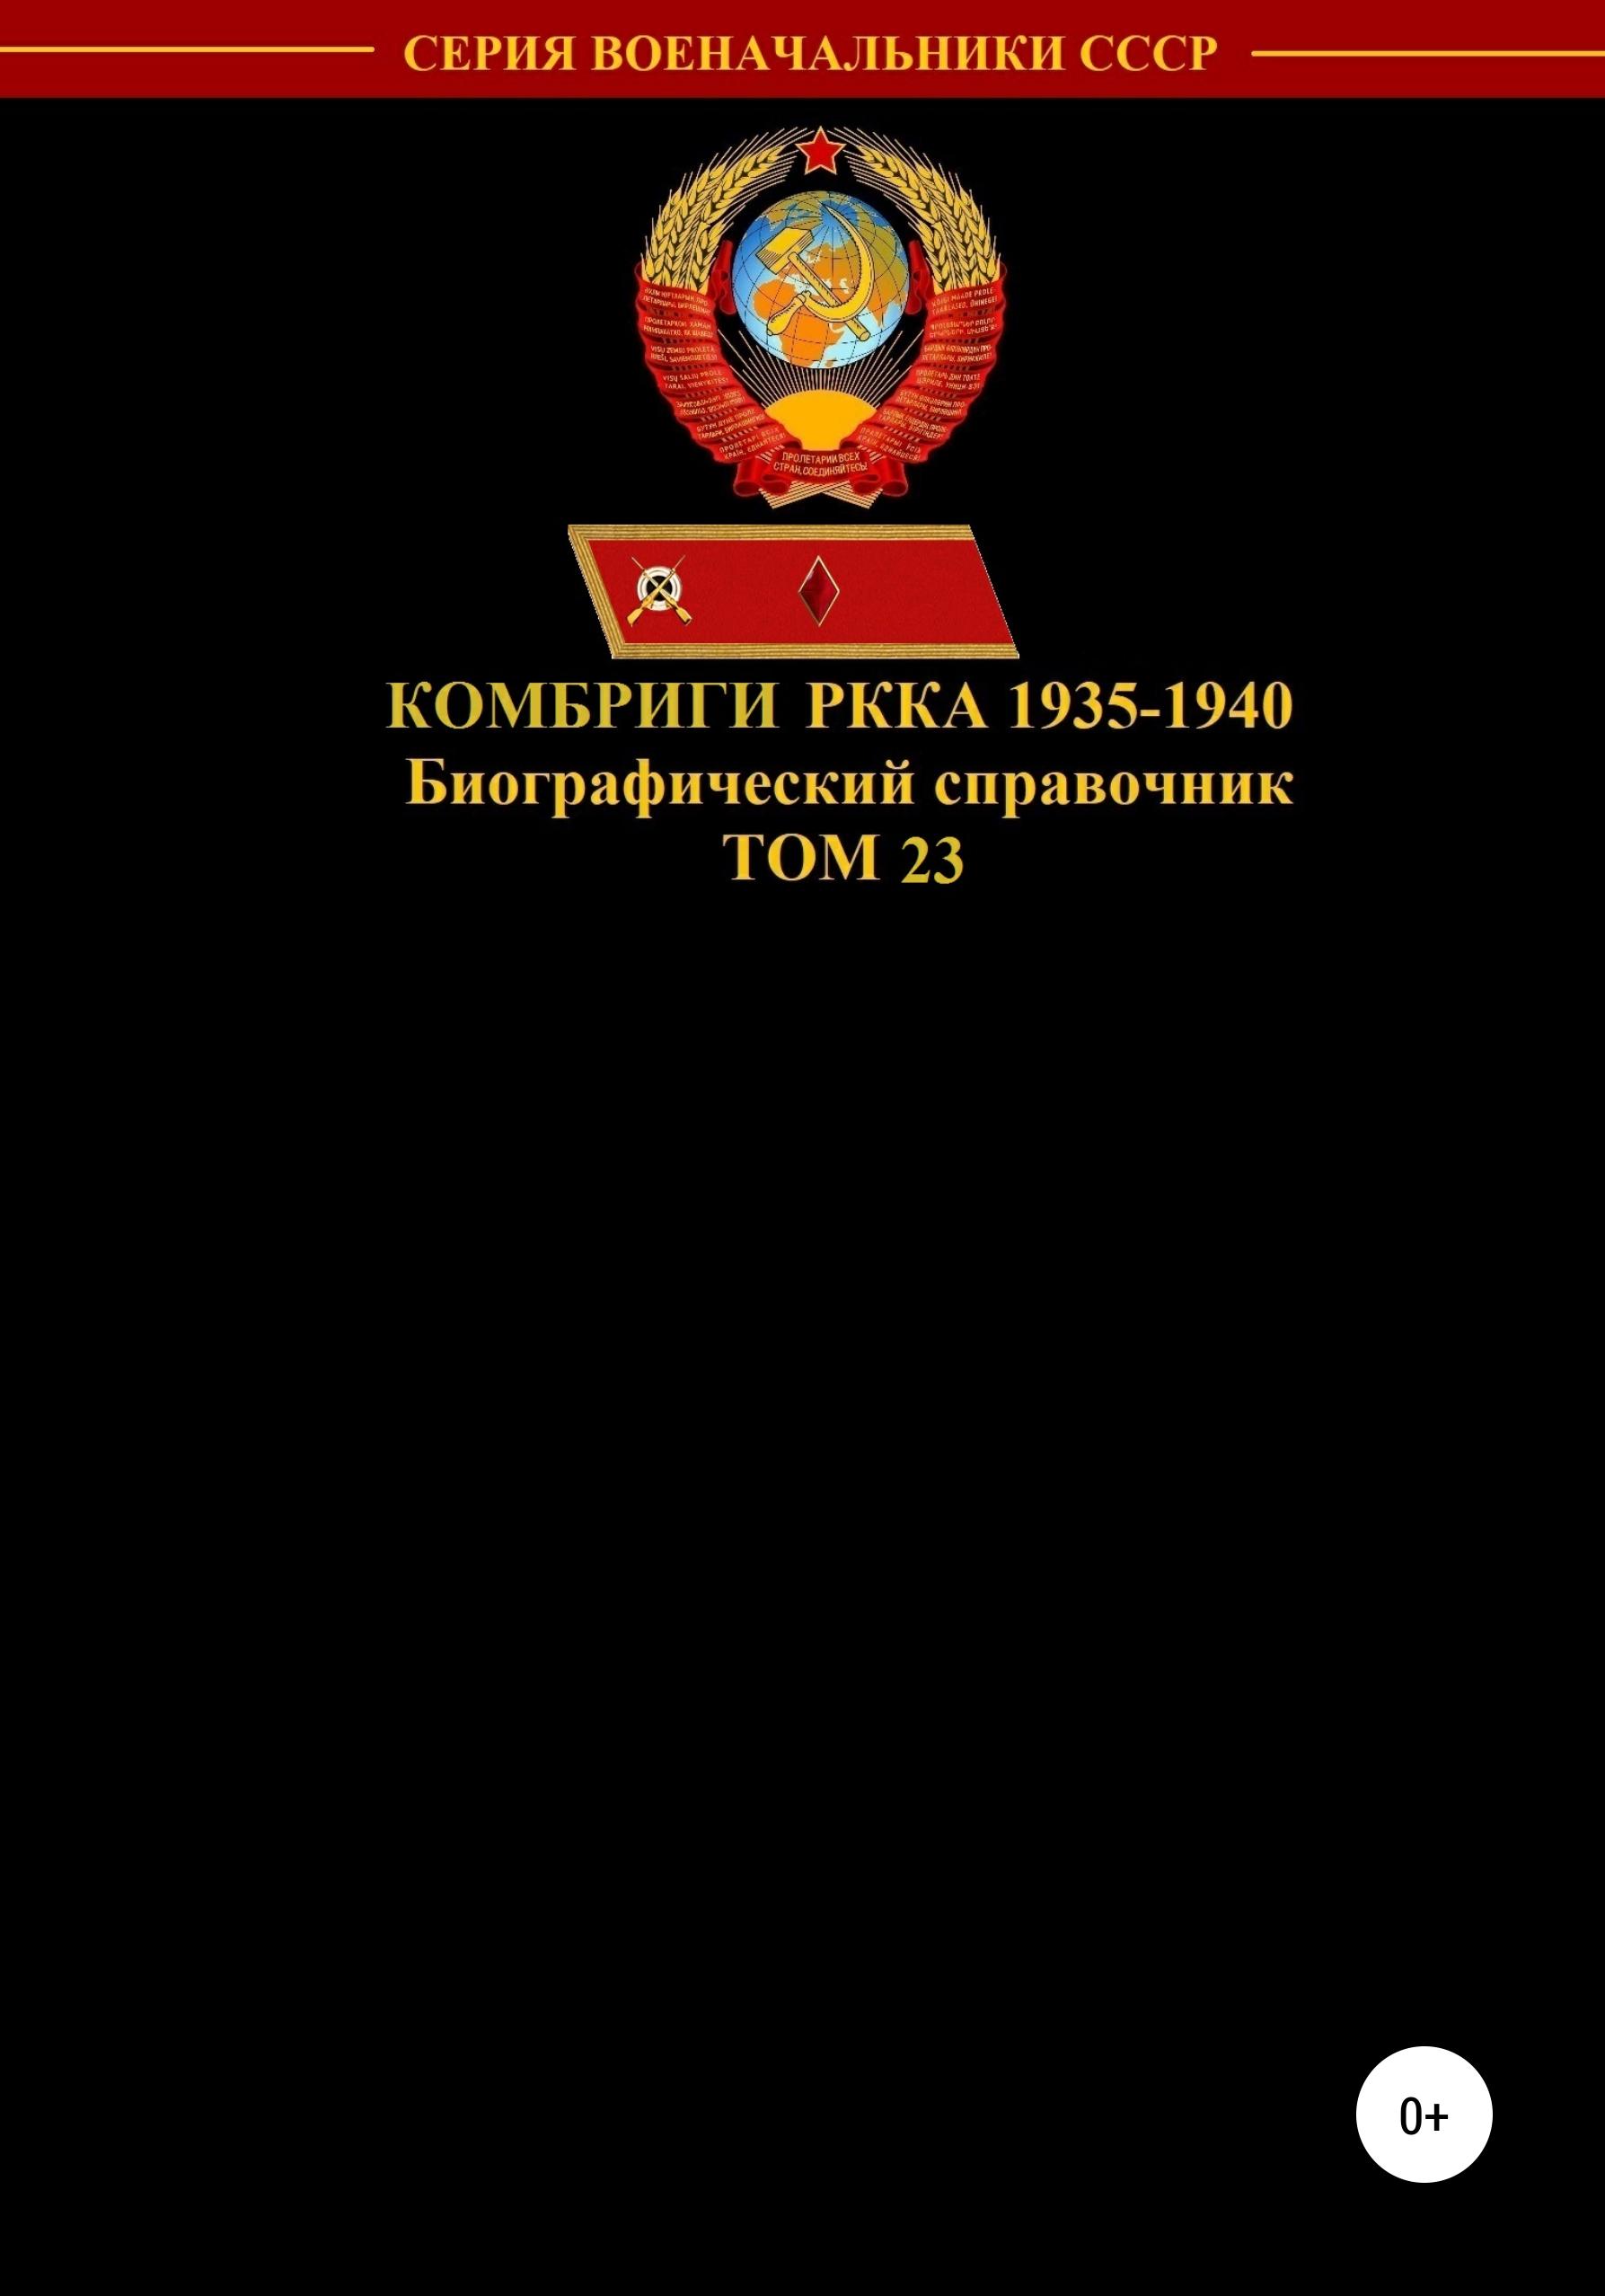 Купить книгу Комбриги РККА 1935-1940. Том 23, автора Дениса Юрьевича Соловьева